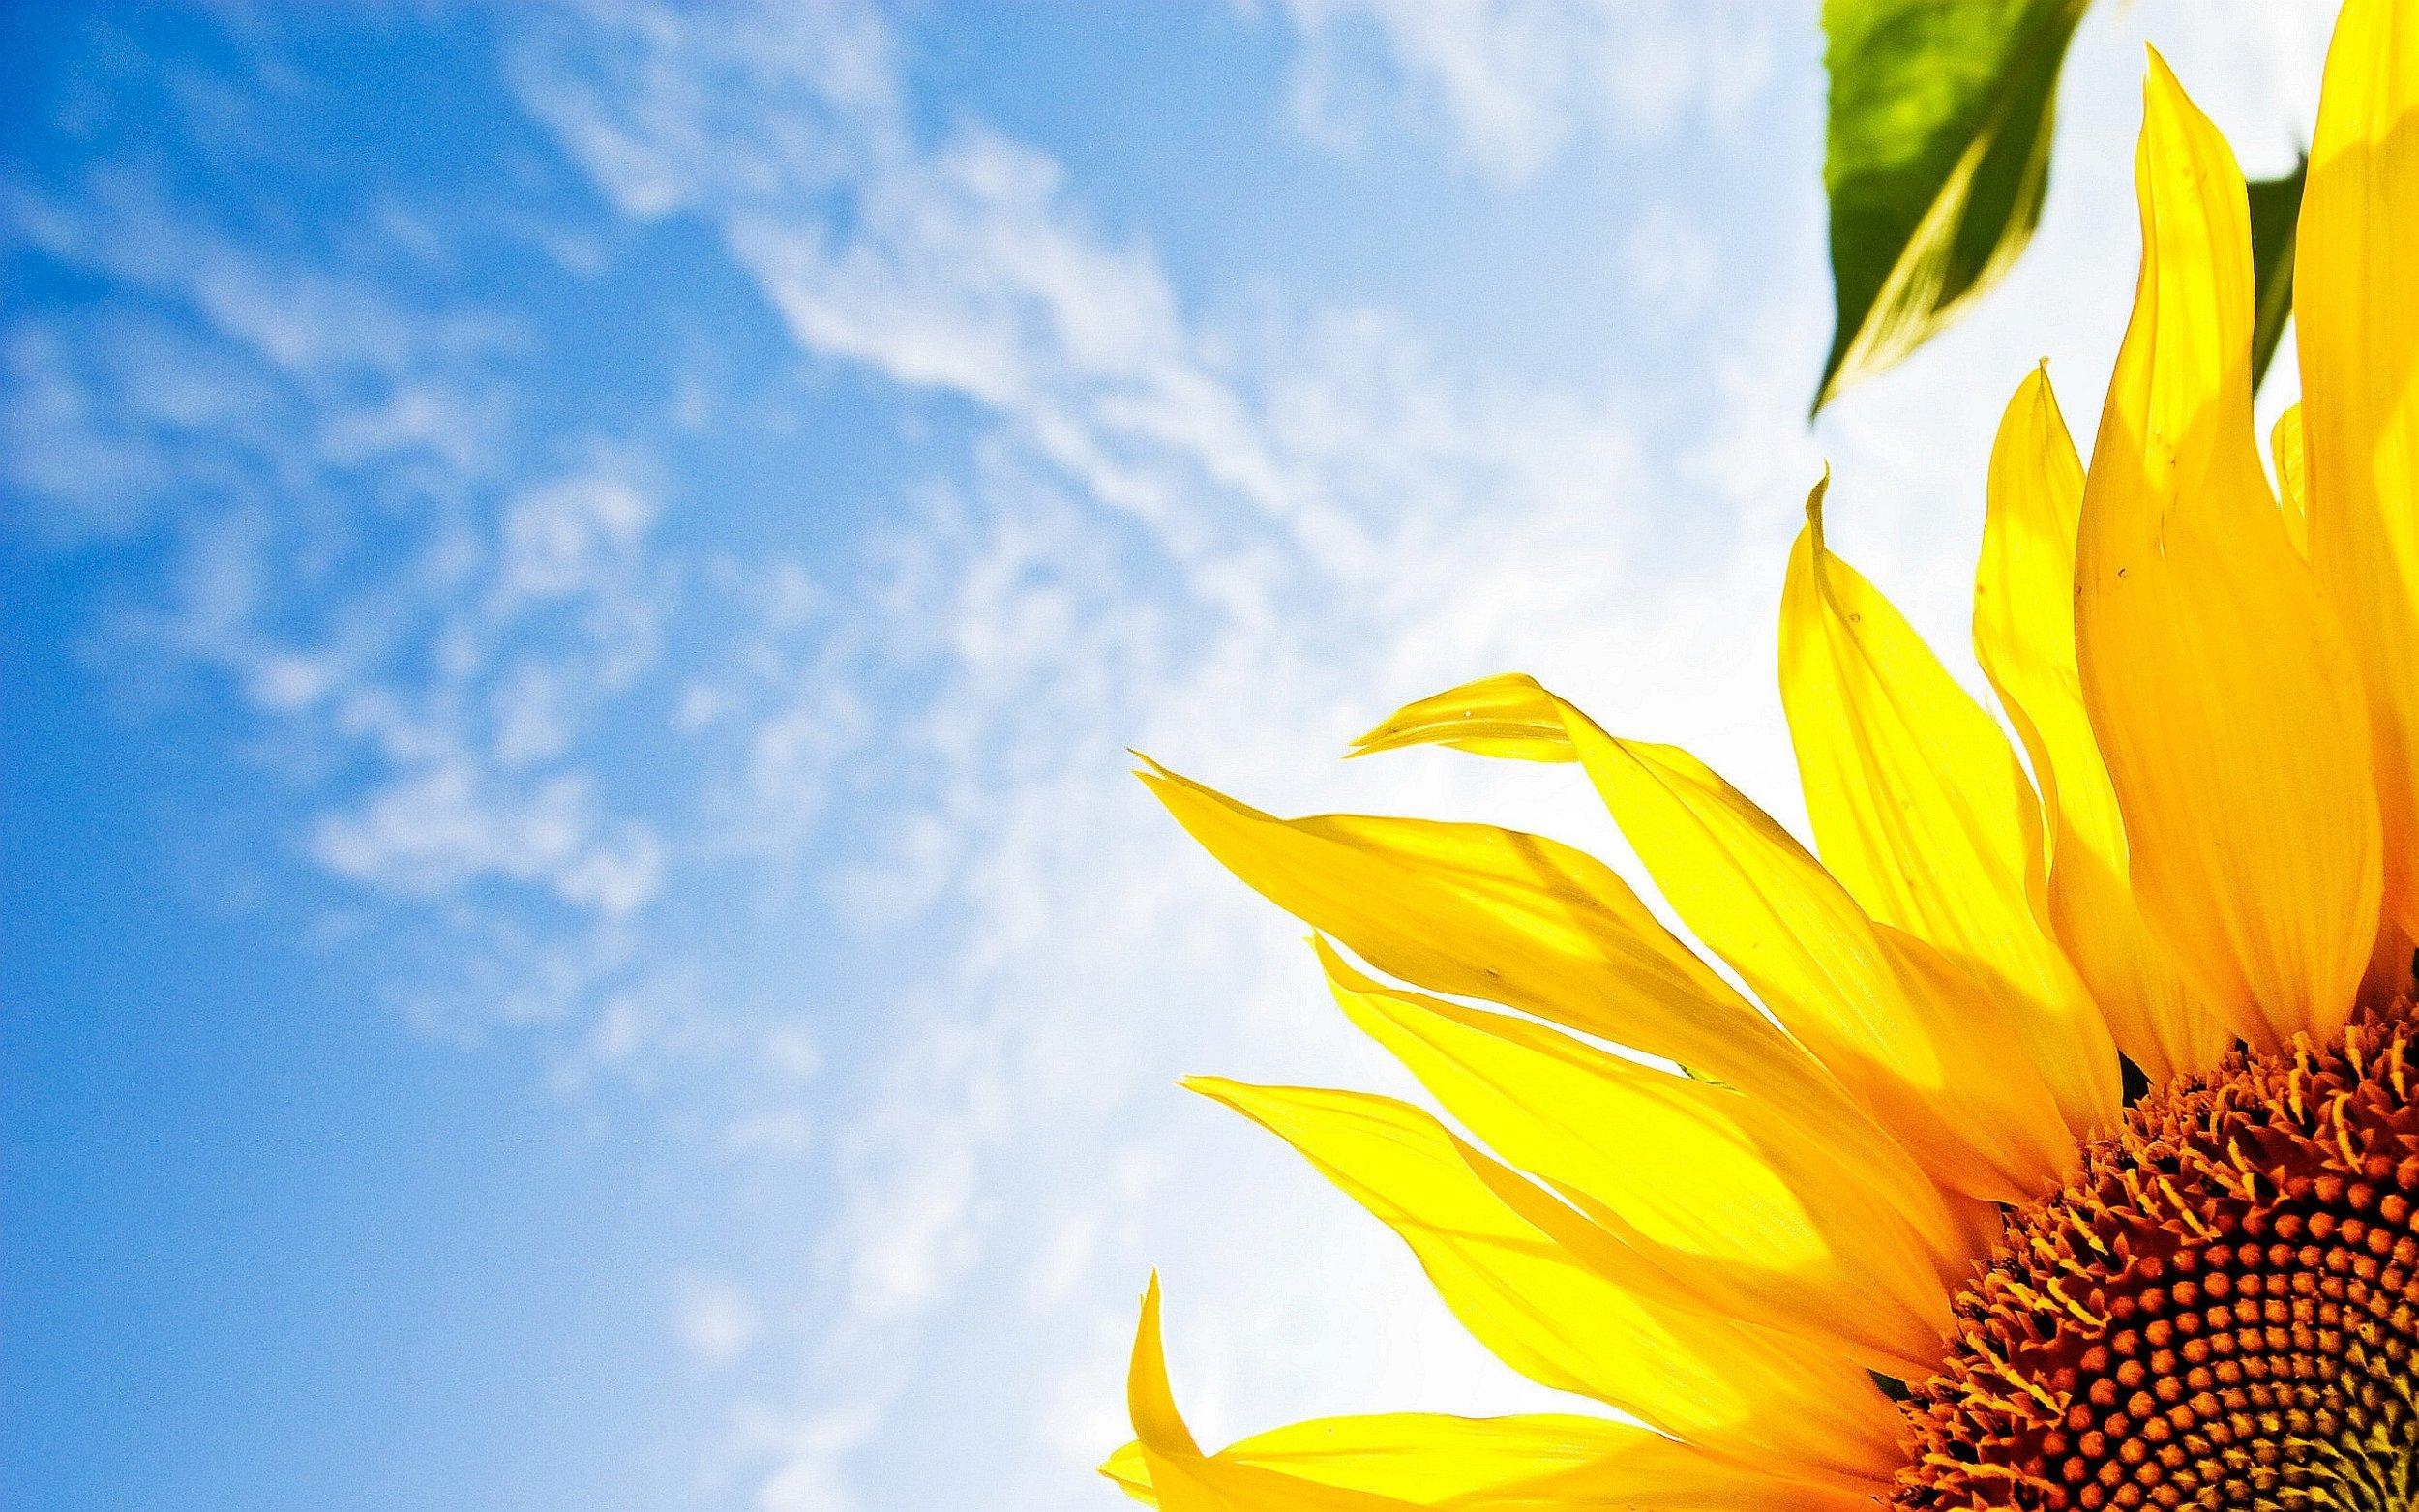 Sunflower-blue-Sky.jpg